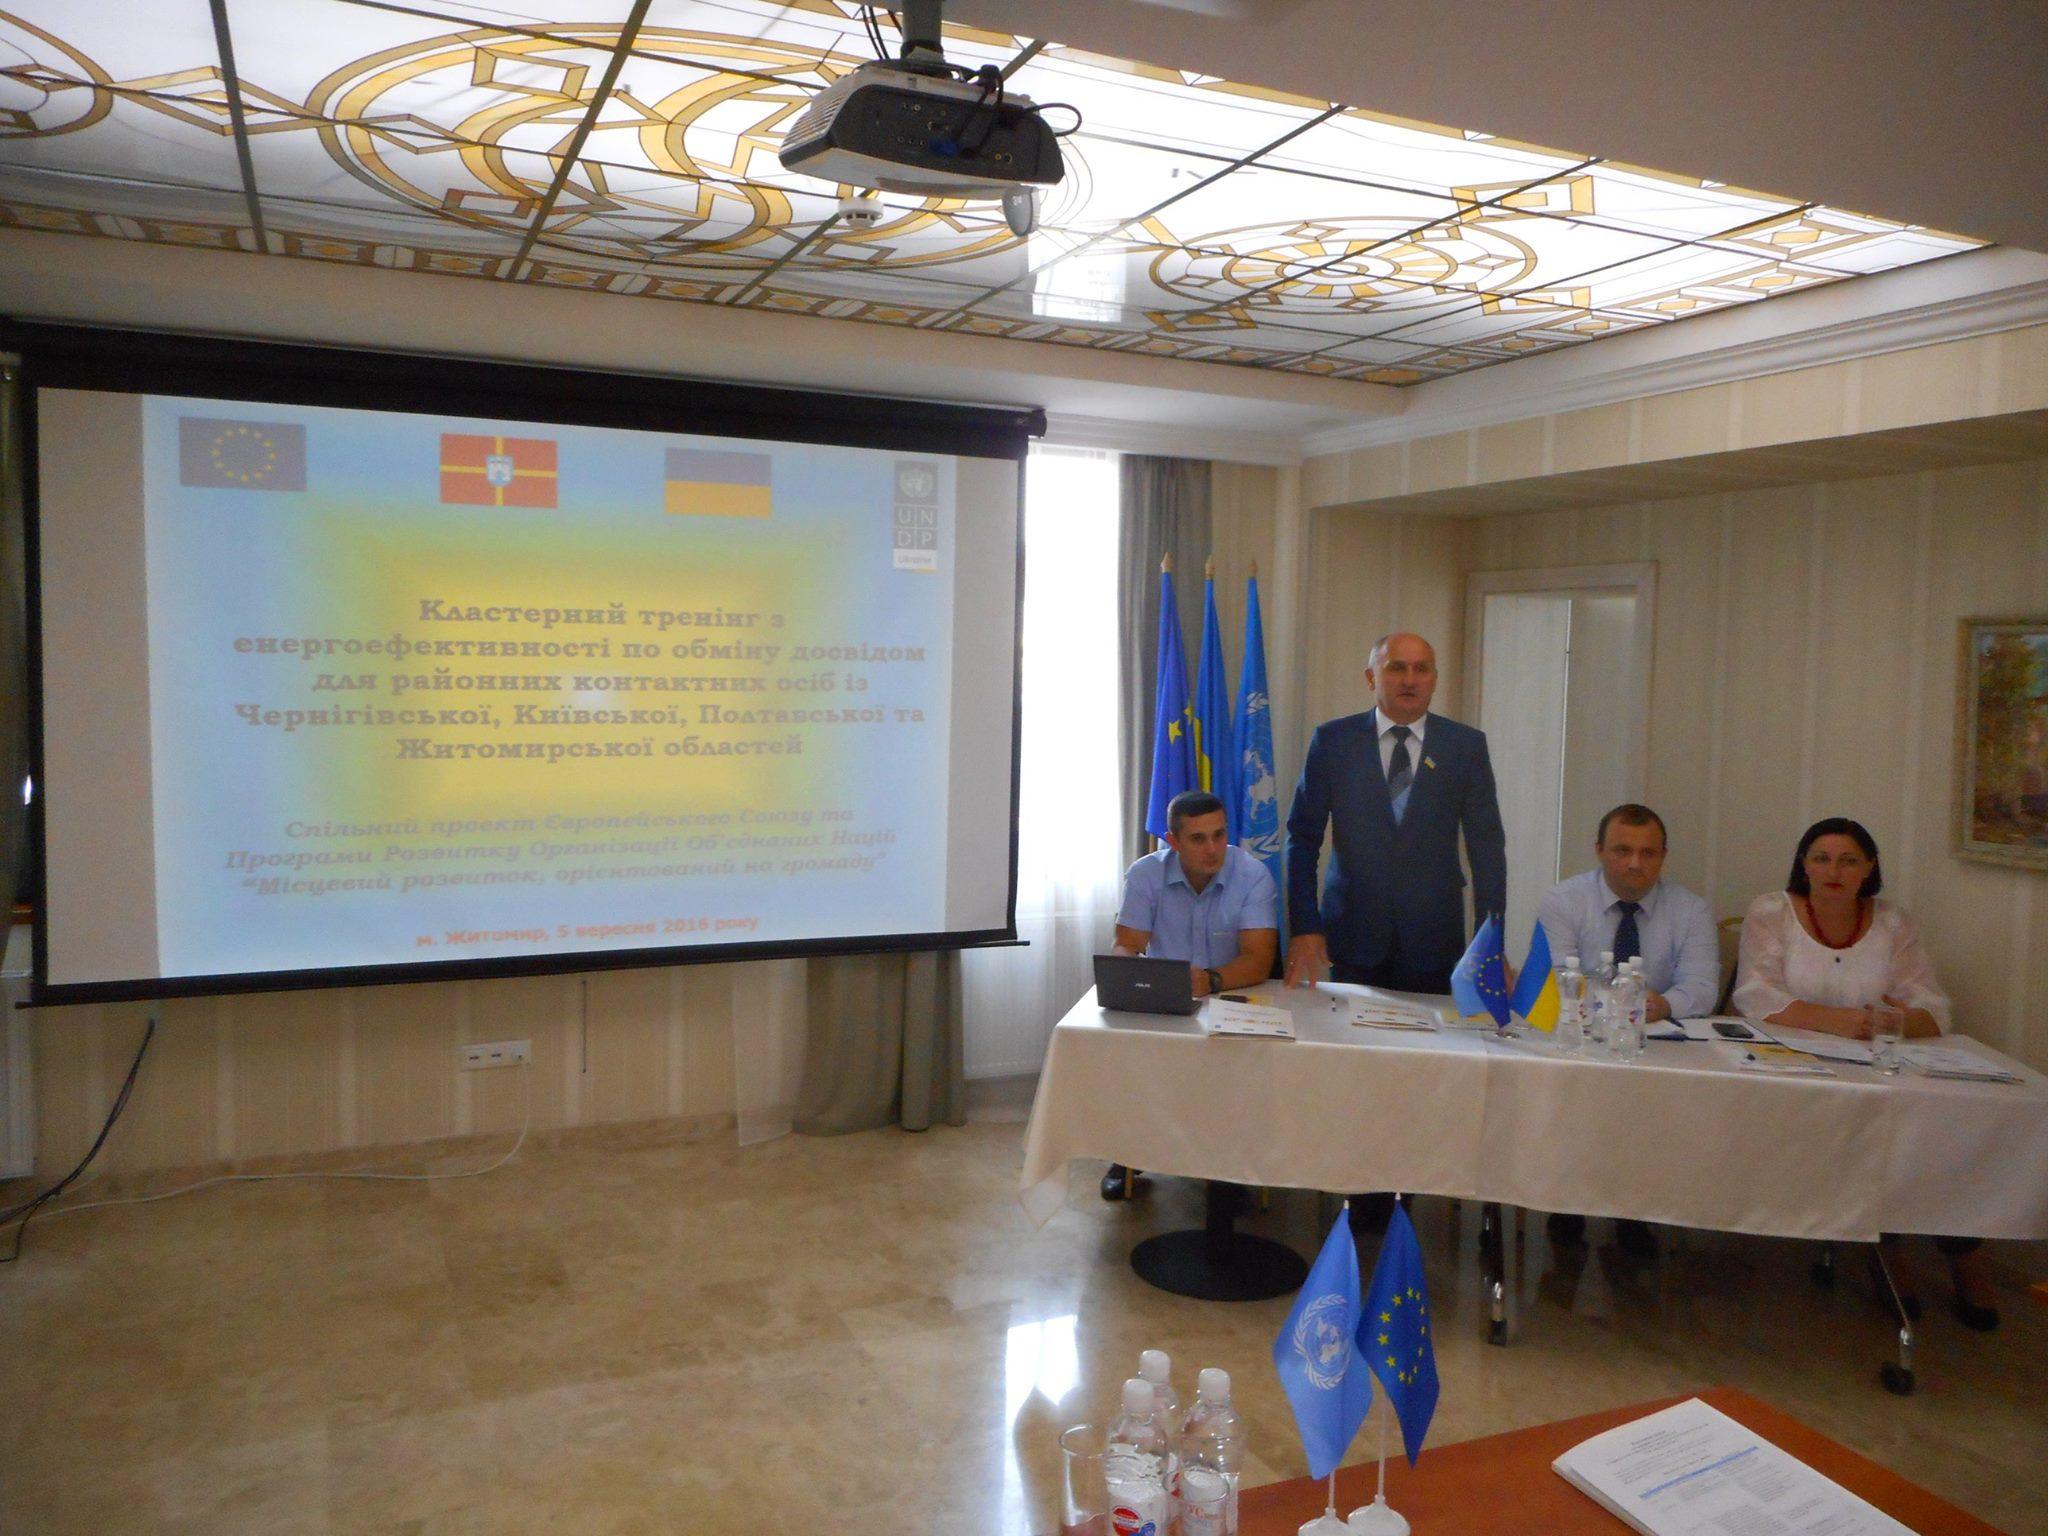 Оржиця, Житомир, тренінг, ЄС/ПРООН, «Місцевий розвиток, орієнтований на громаду»,